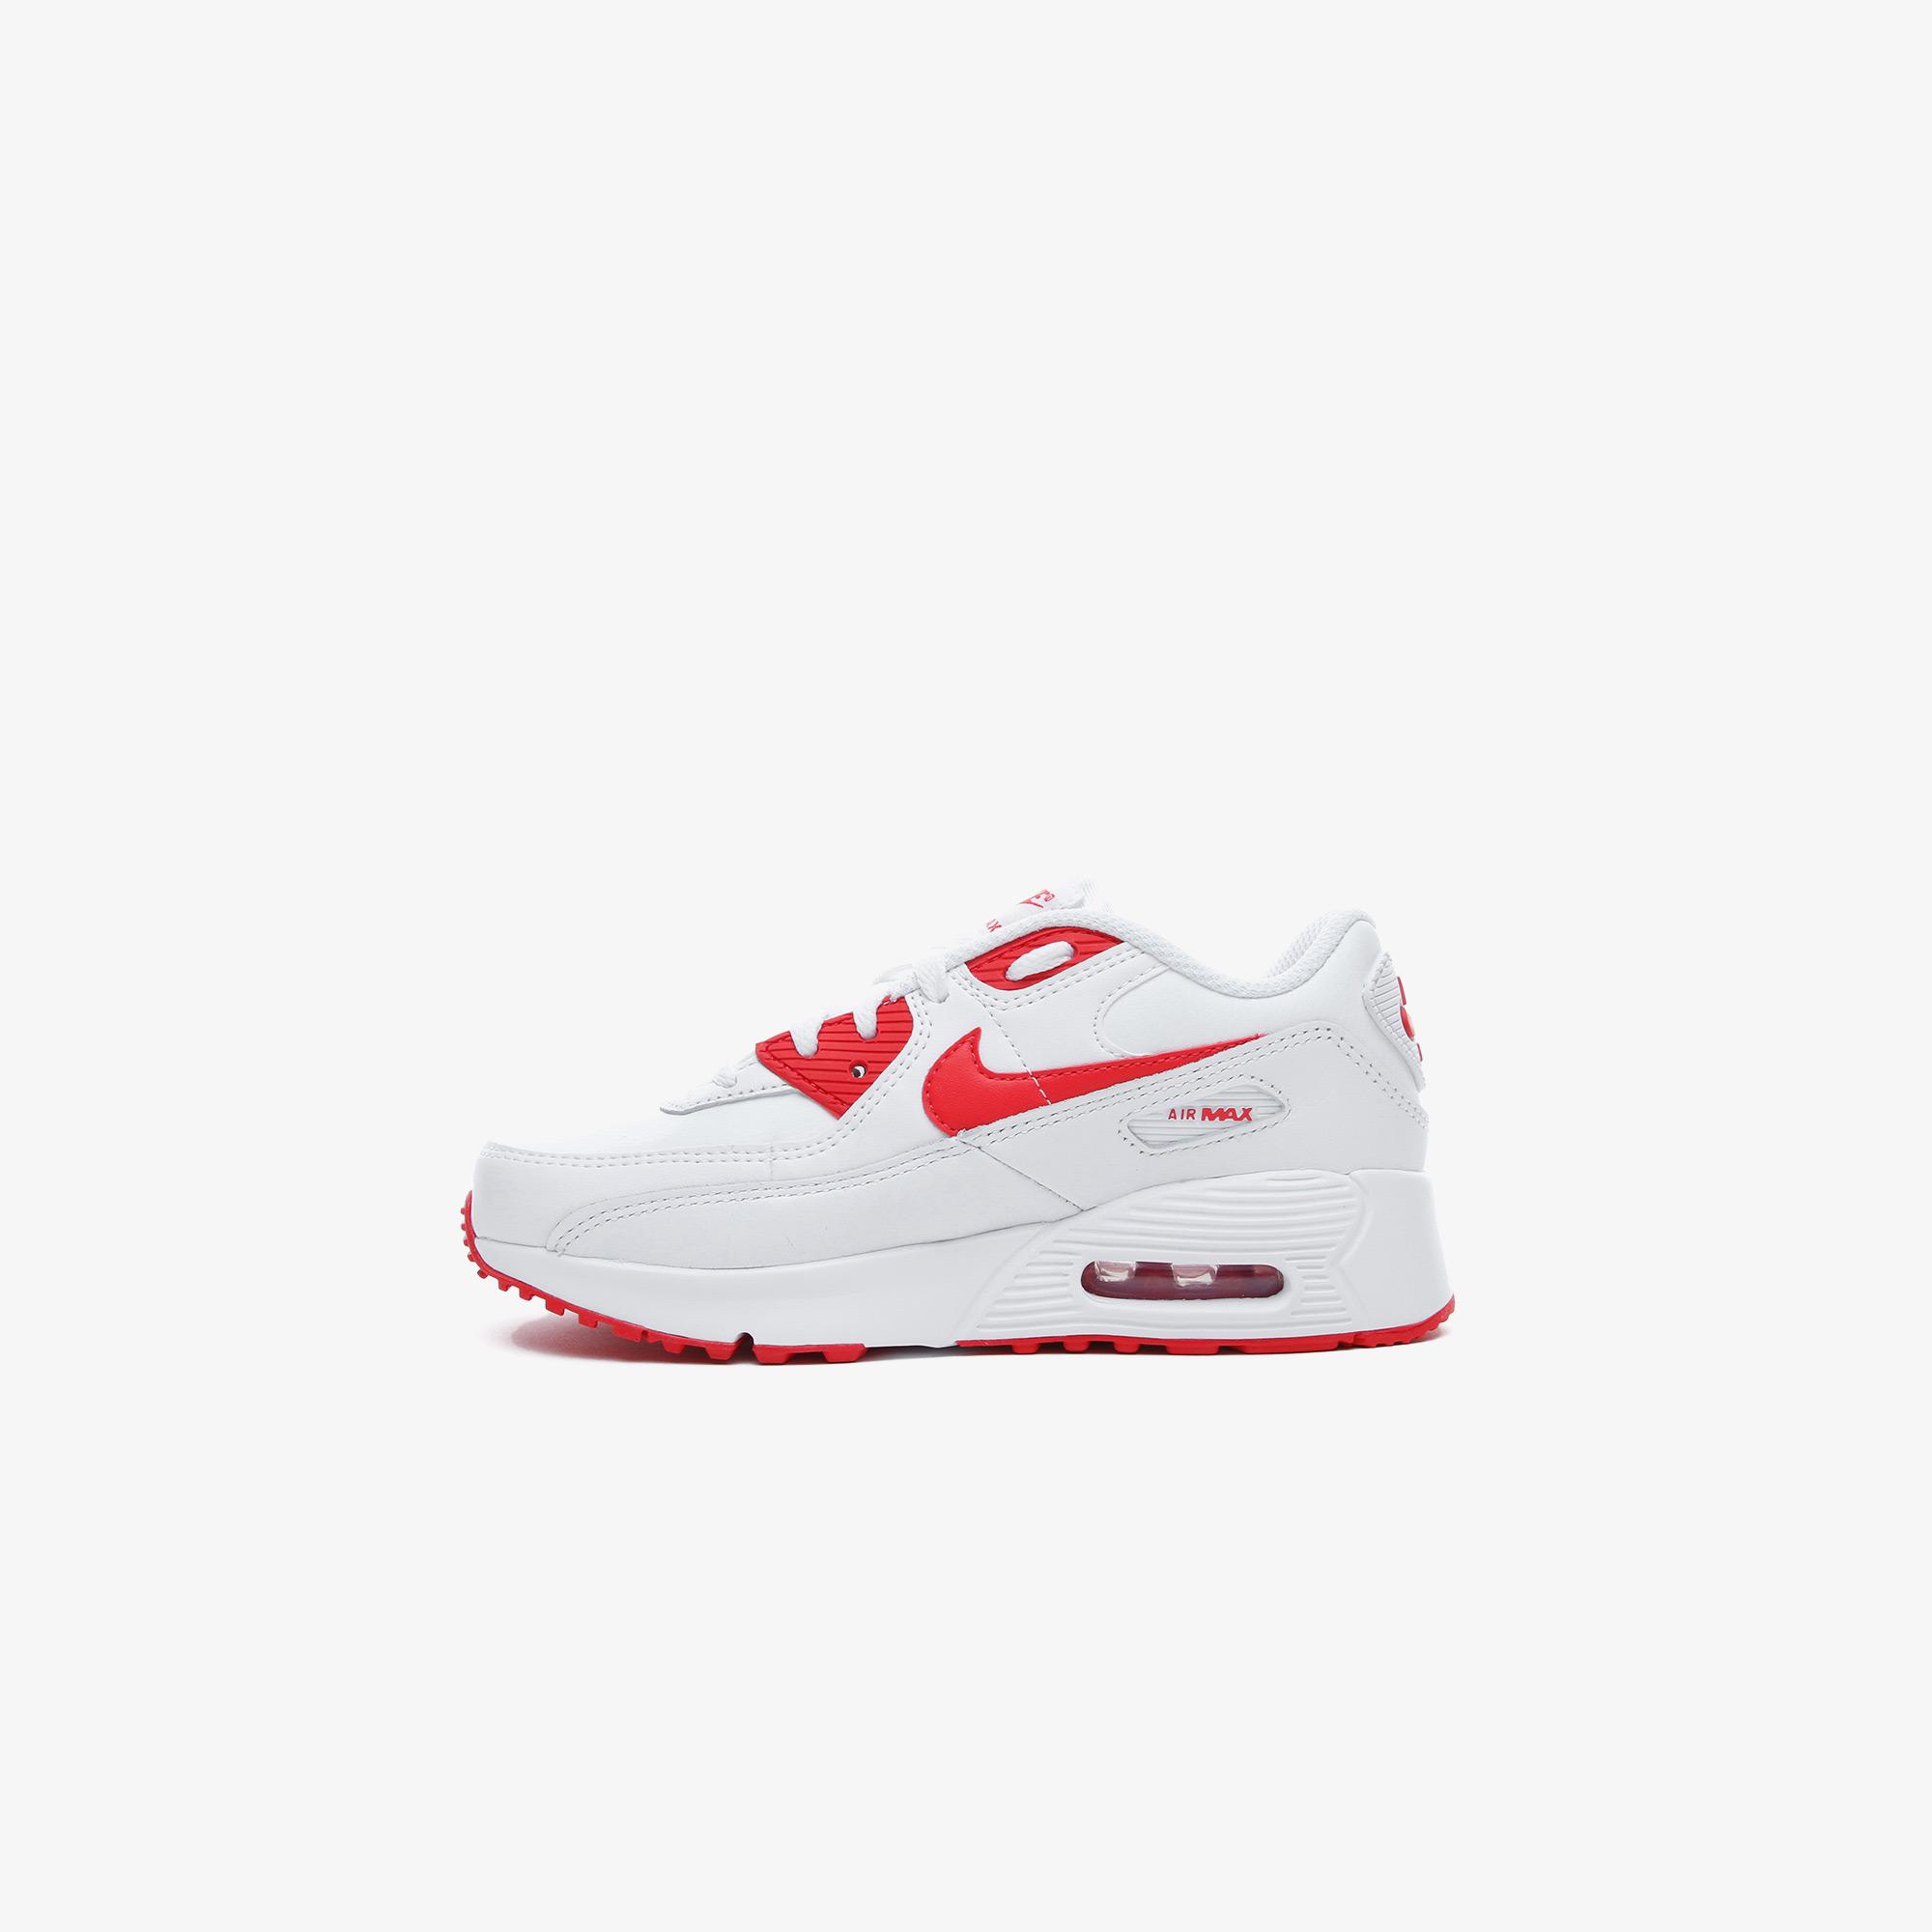 Nike Air Max 90 LTR Çocuk Beyaz-Kırmızı Spor Ayakkabı